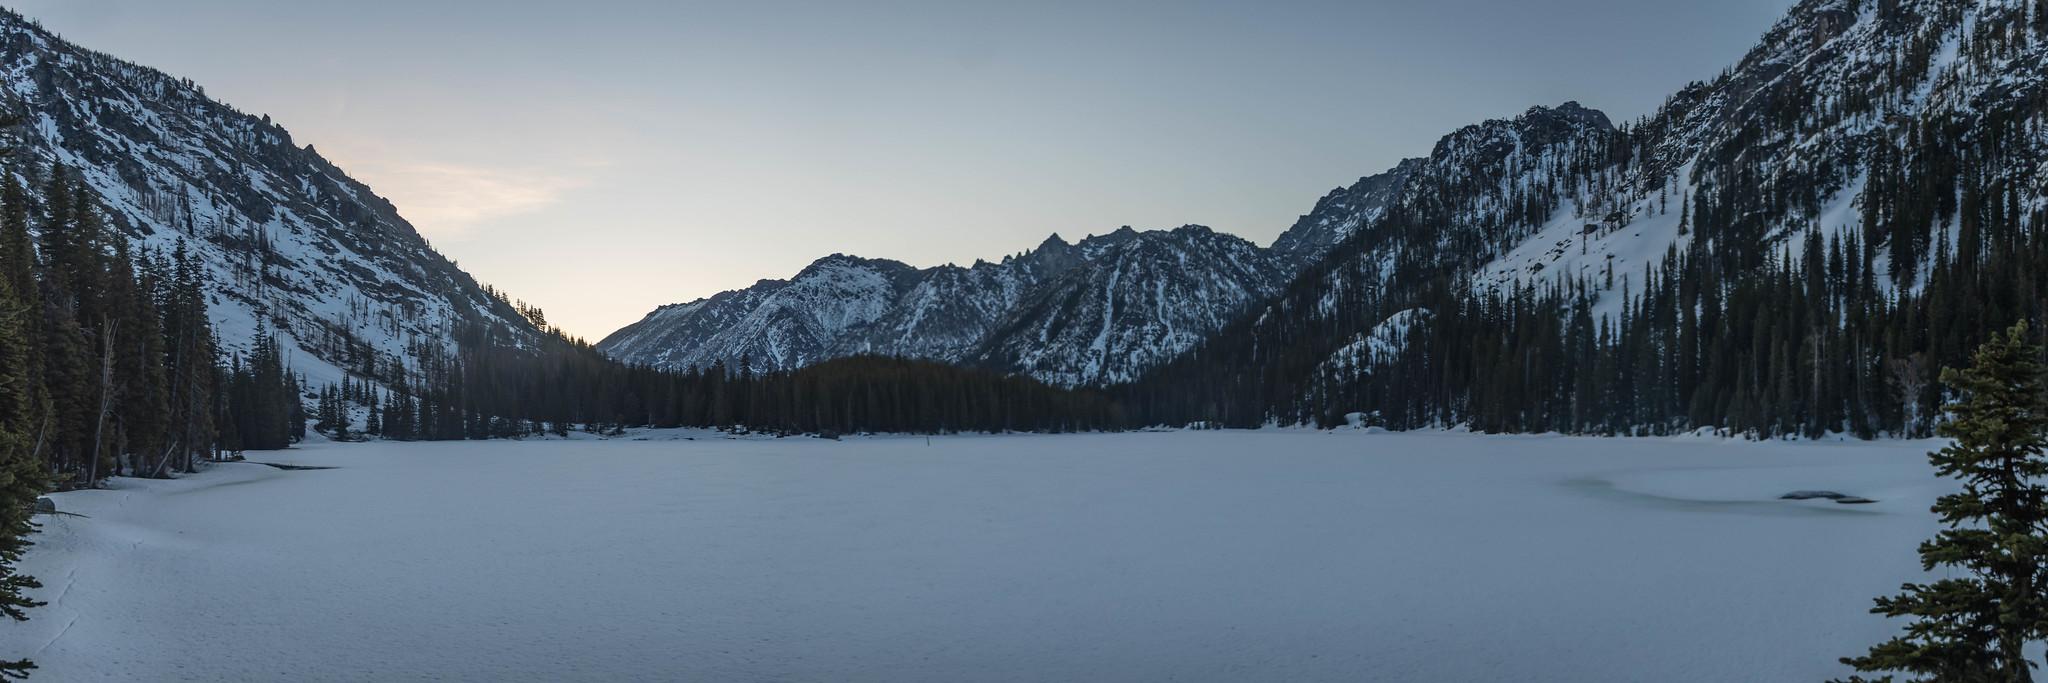 Stuart Lake panoramic view